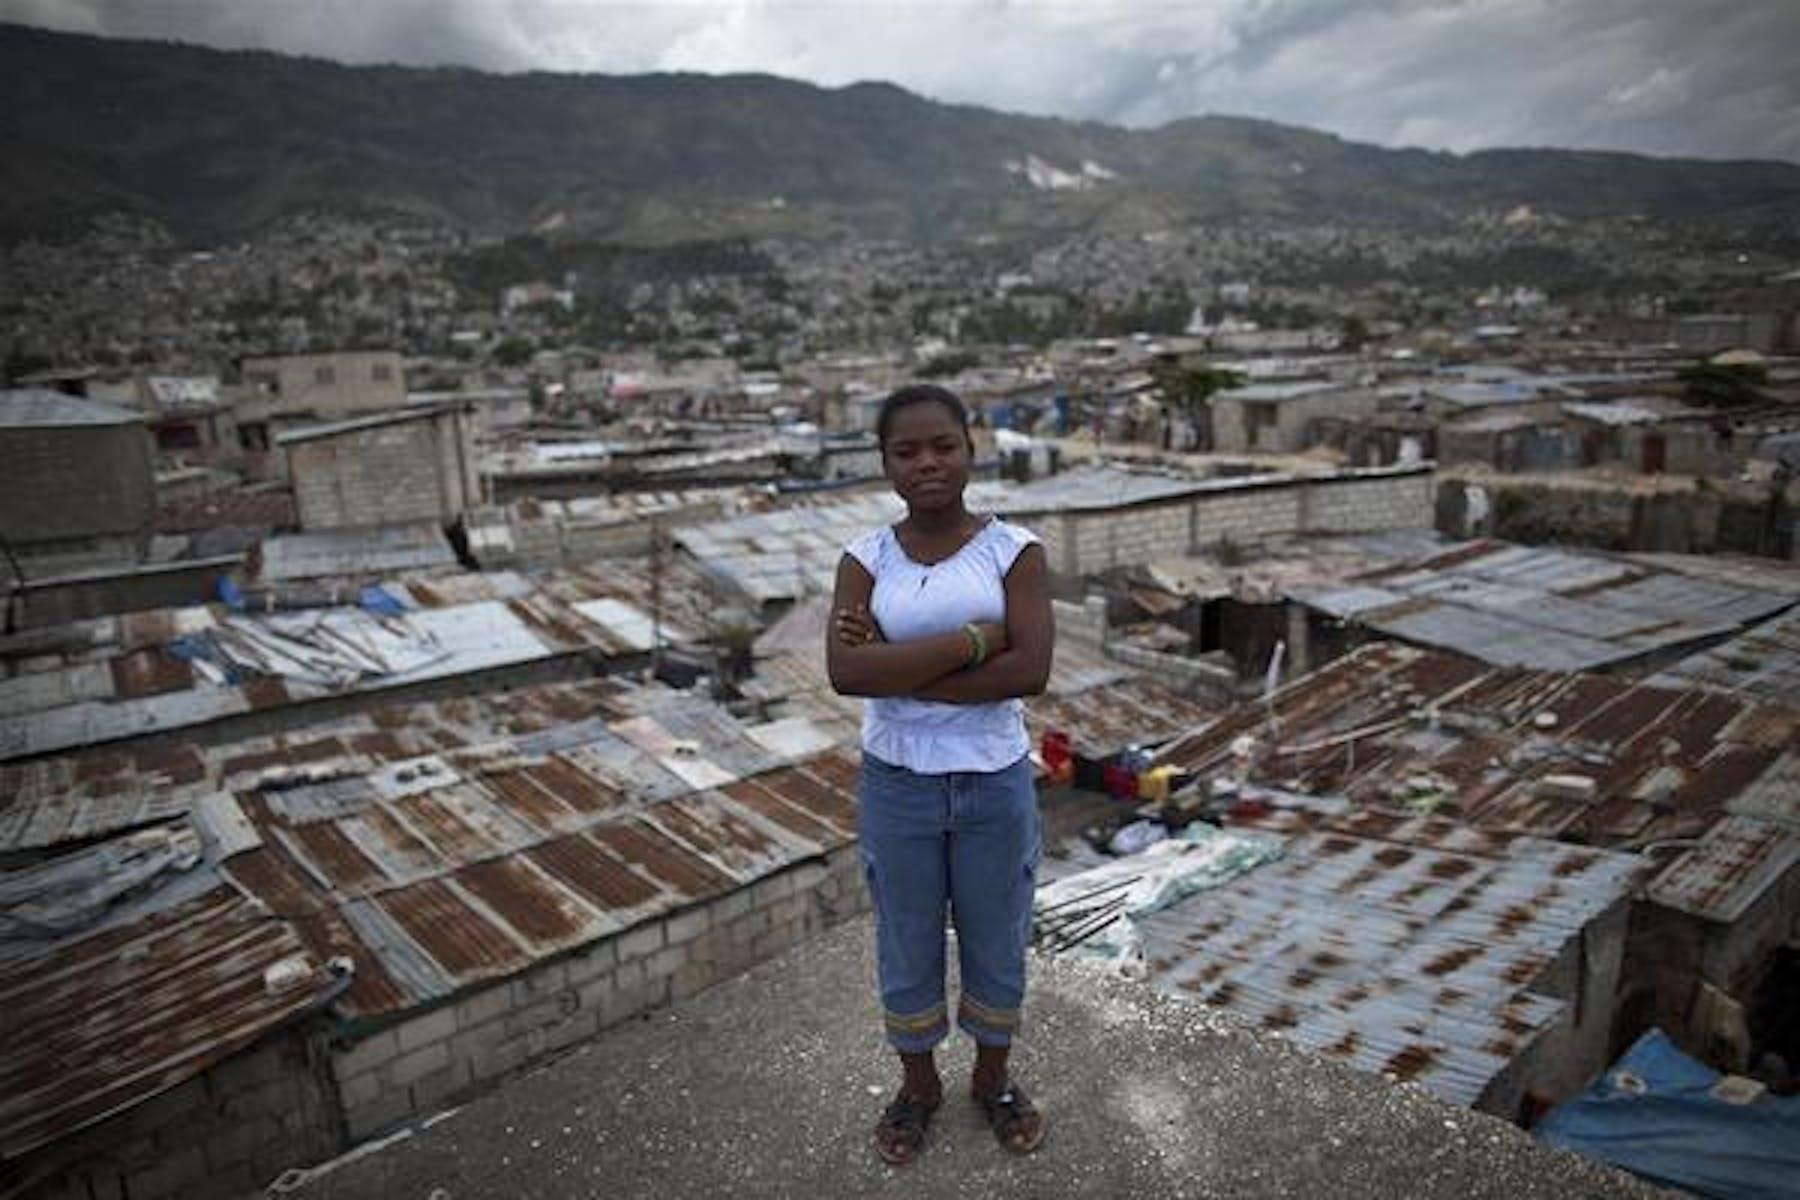 Lovelie, 14 anni, sul tetto della sua abitazione a Cité Plus, sobborgo della capitale di Haiti, Port-au-Prince - ©UNICEF/NYHQ2012-0936/M.Dormino